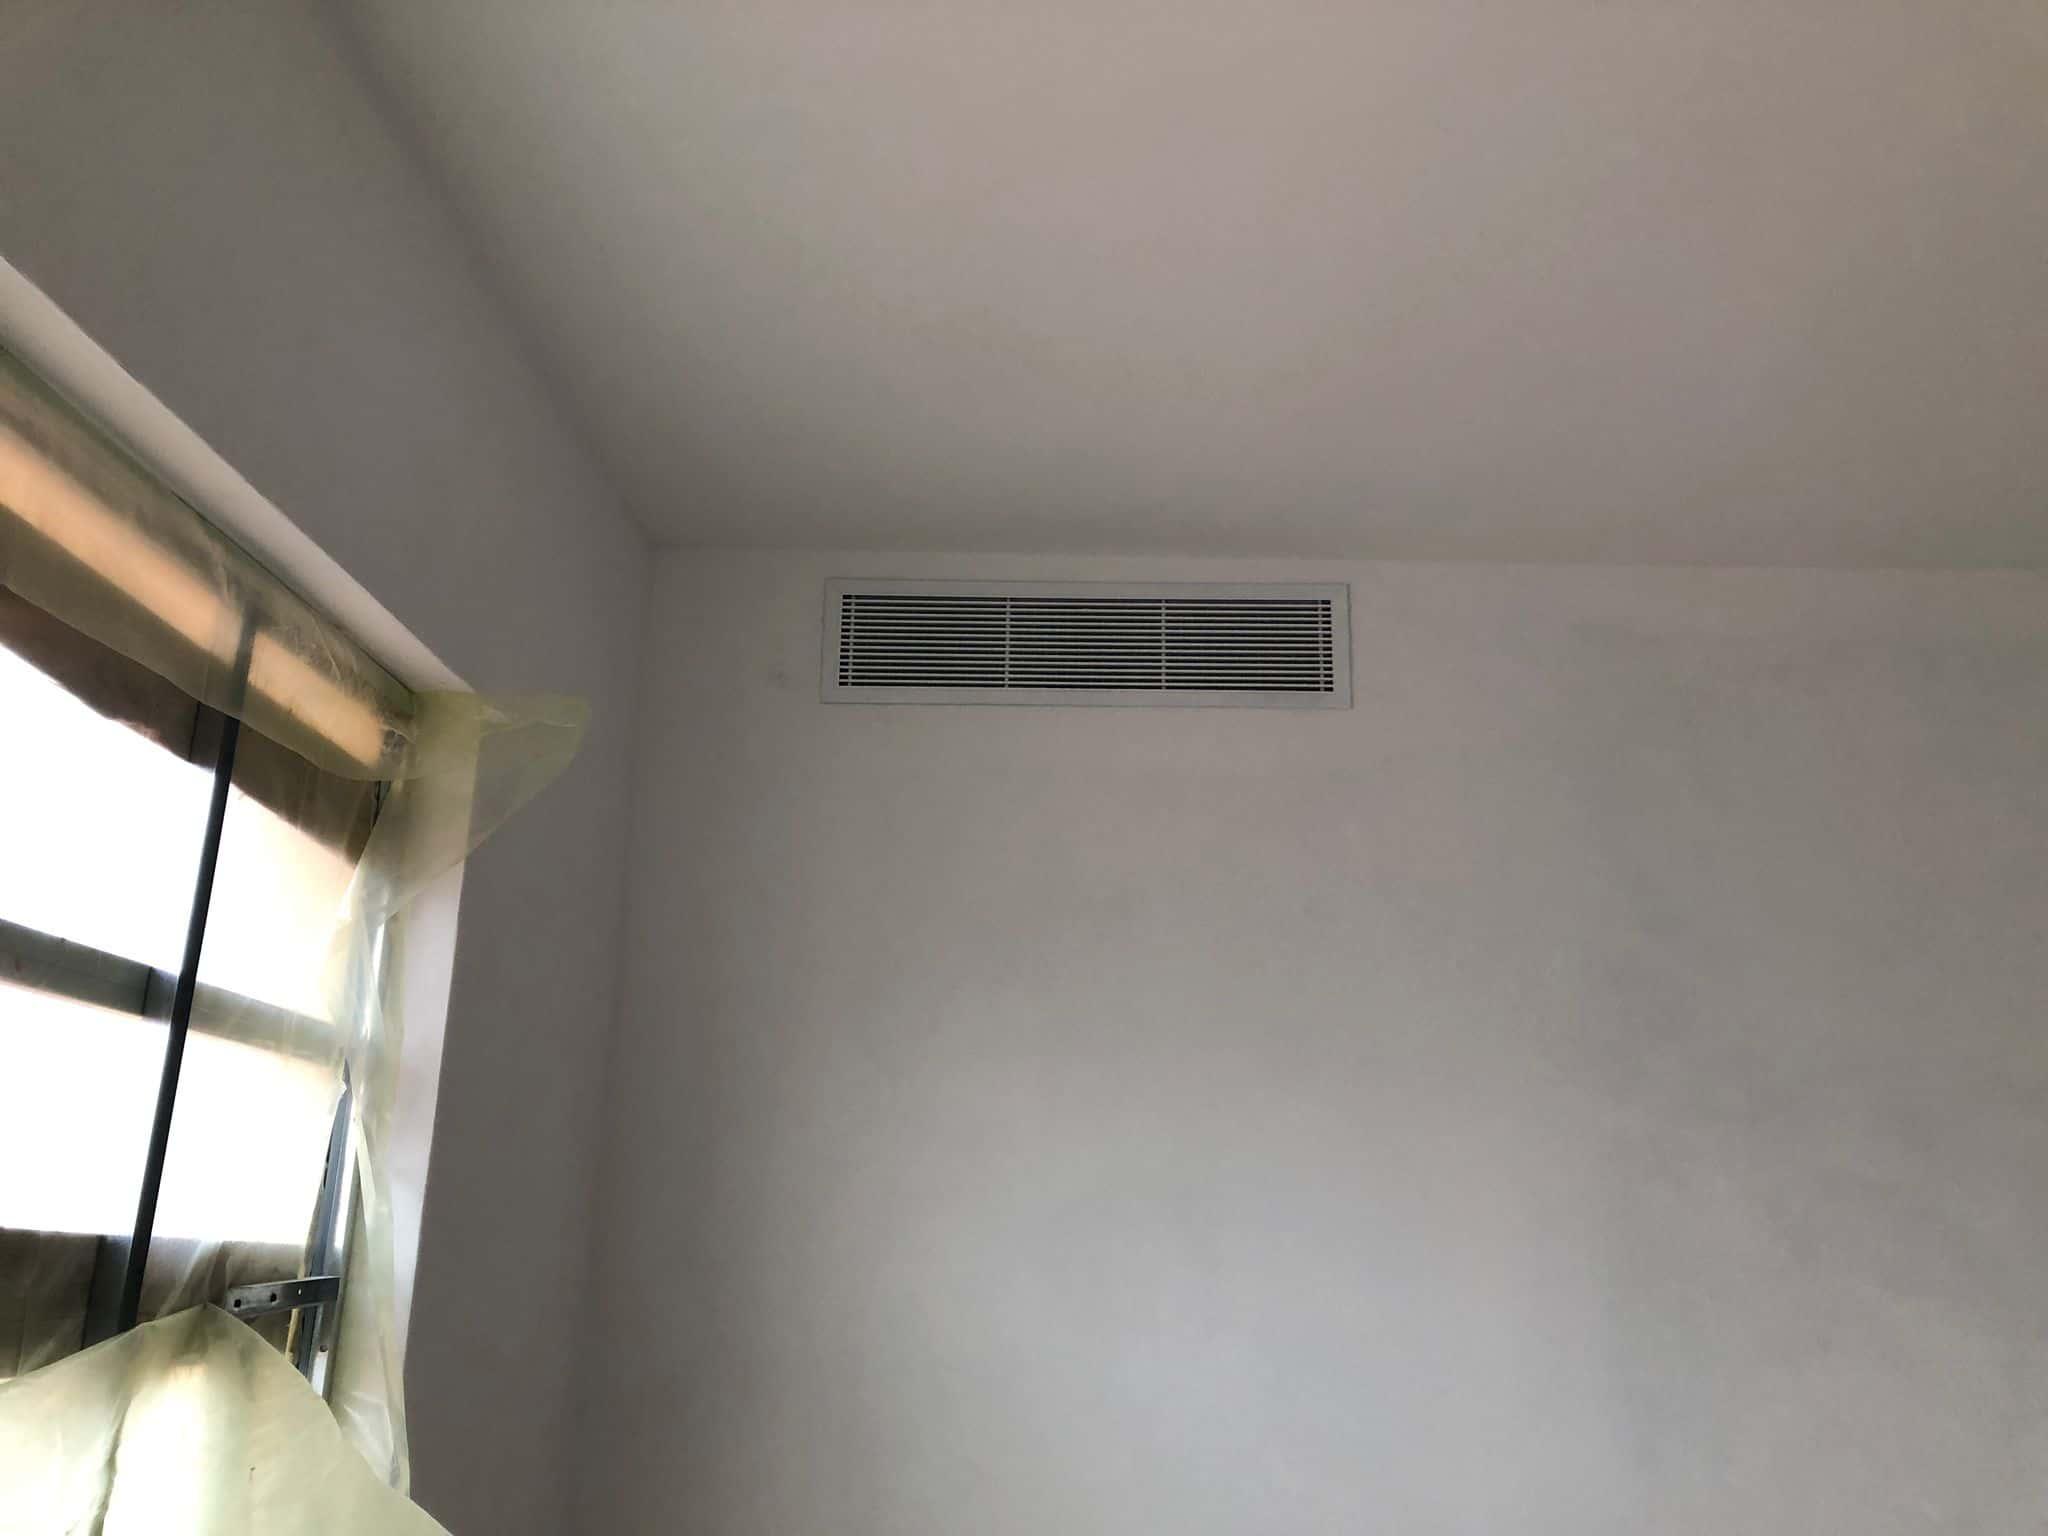 Installazione Impianto climatizzazione abitazione Verona 3B Service 5